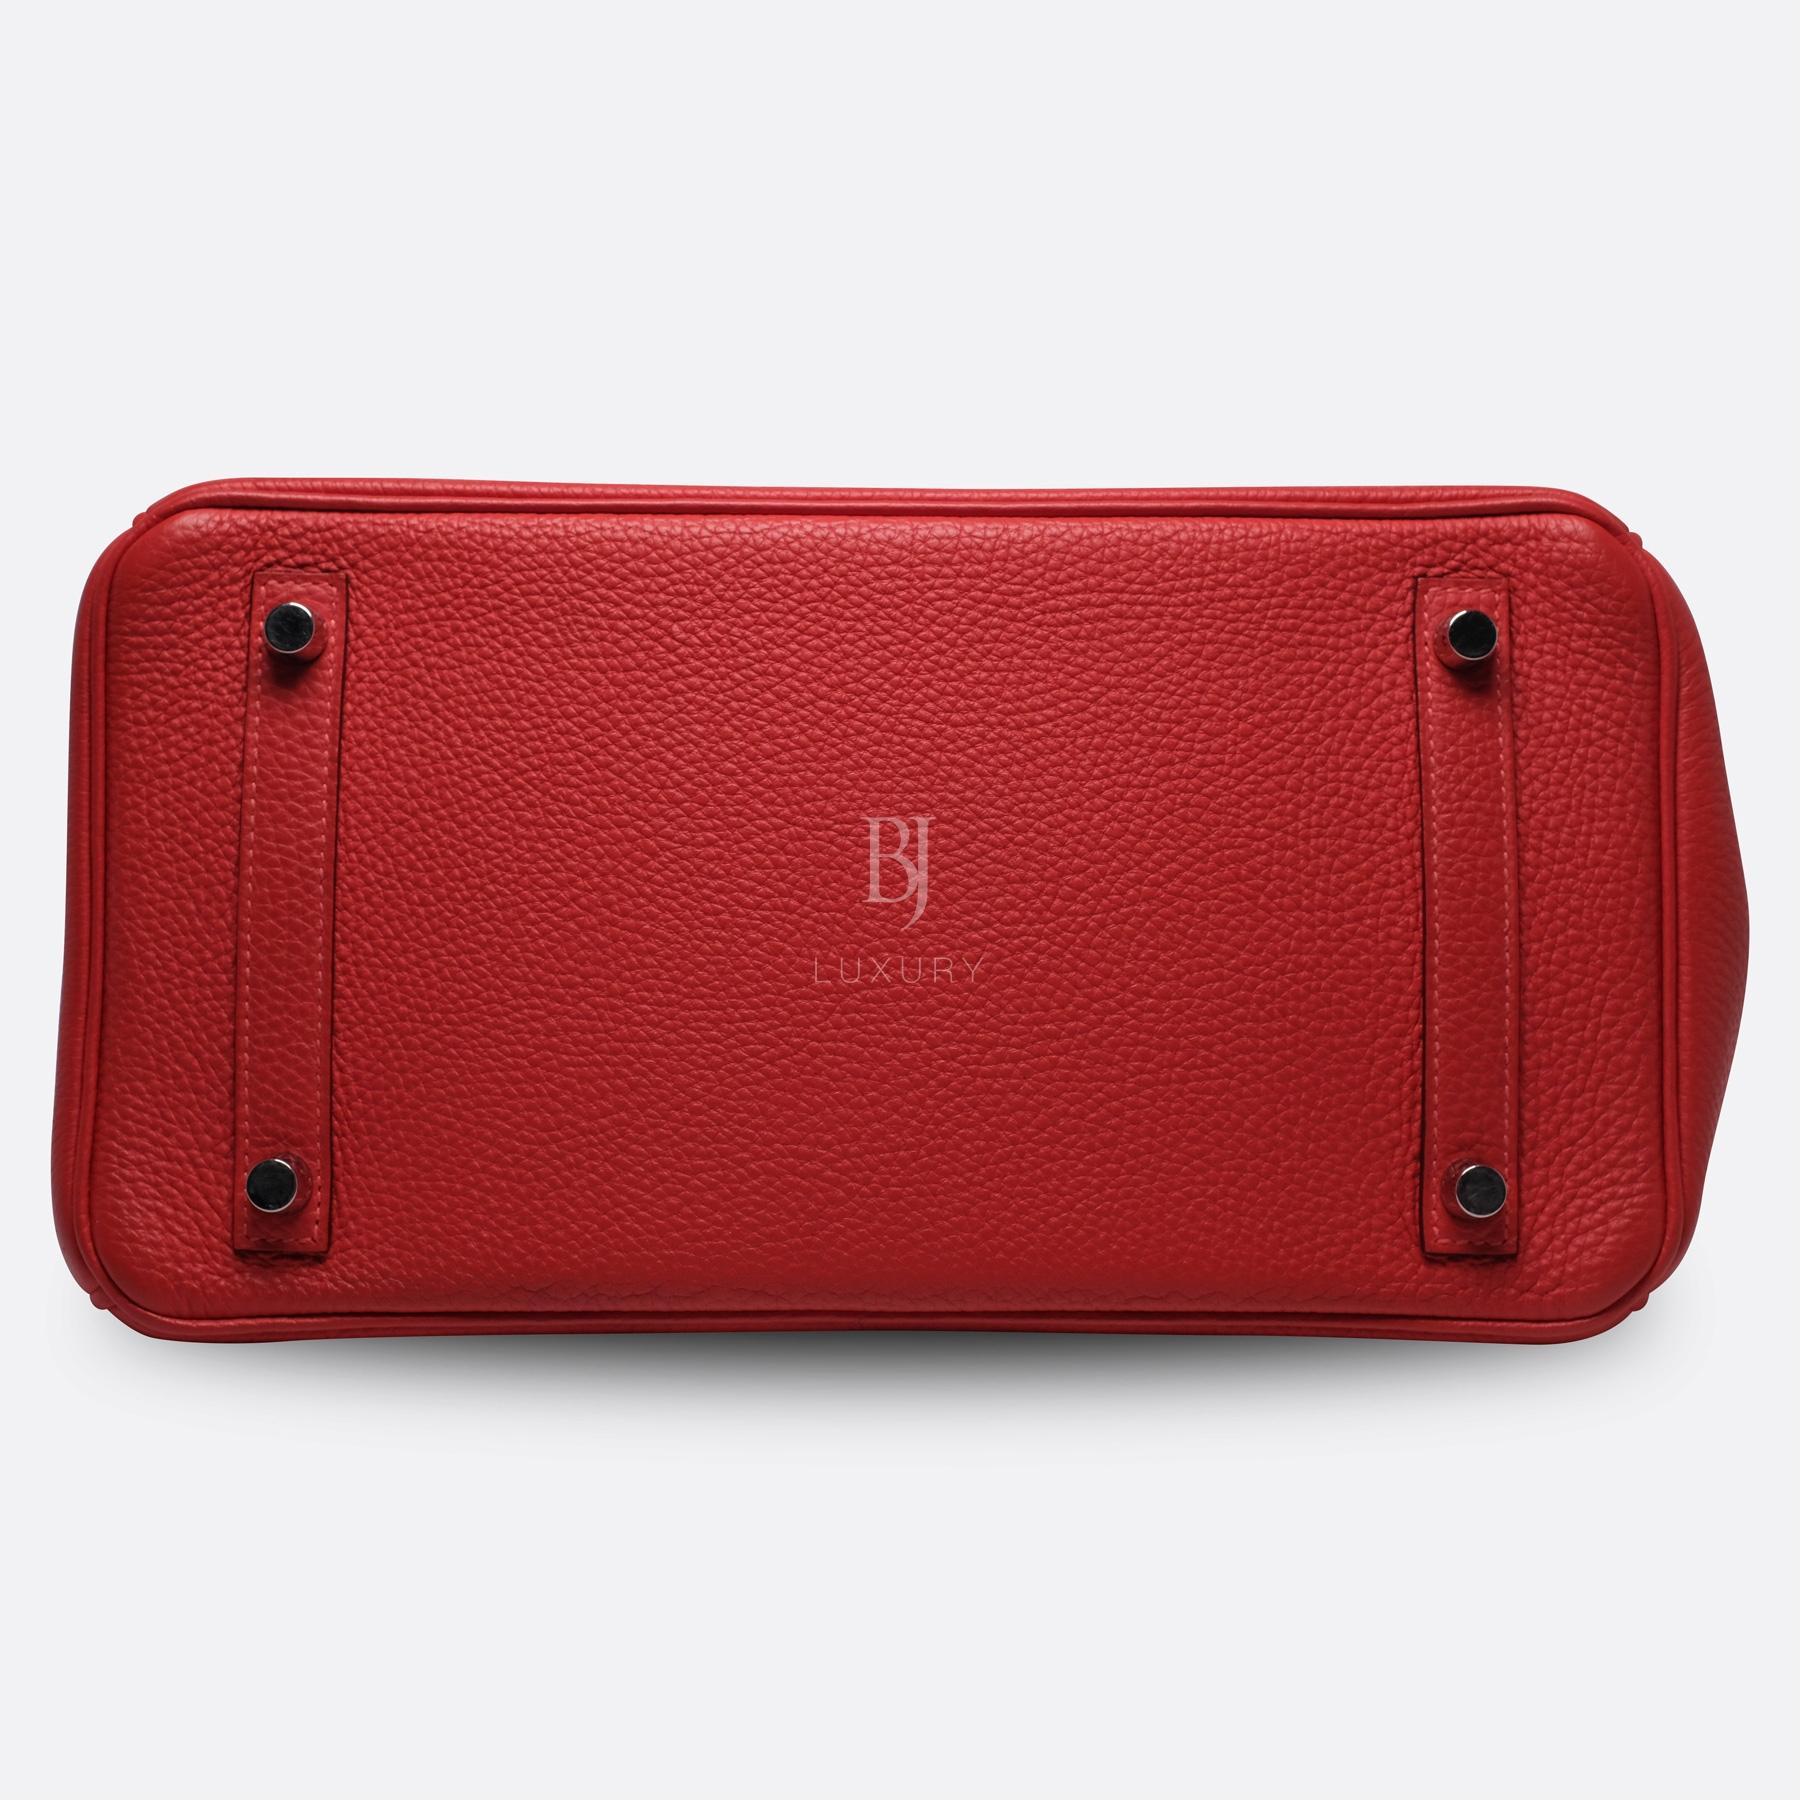 Hermes Birkin 30 Rougue Pivoine Togo Palladium BJ Luxury 15.jpg